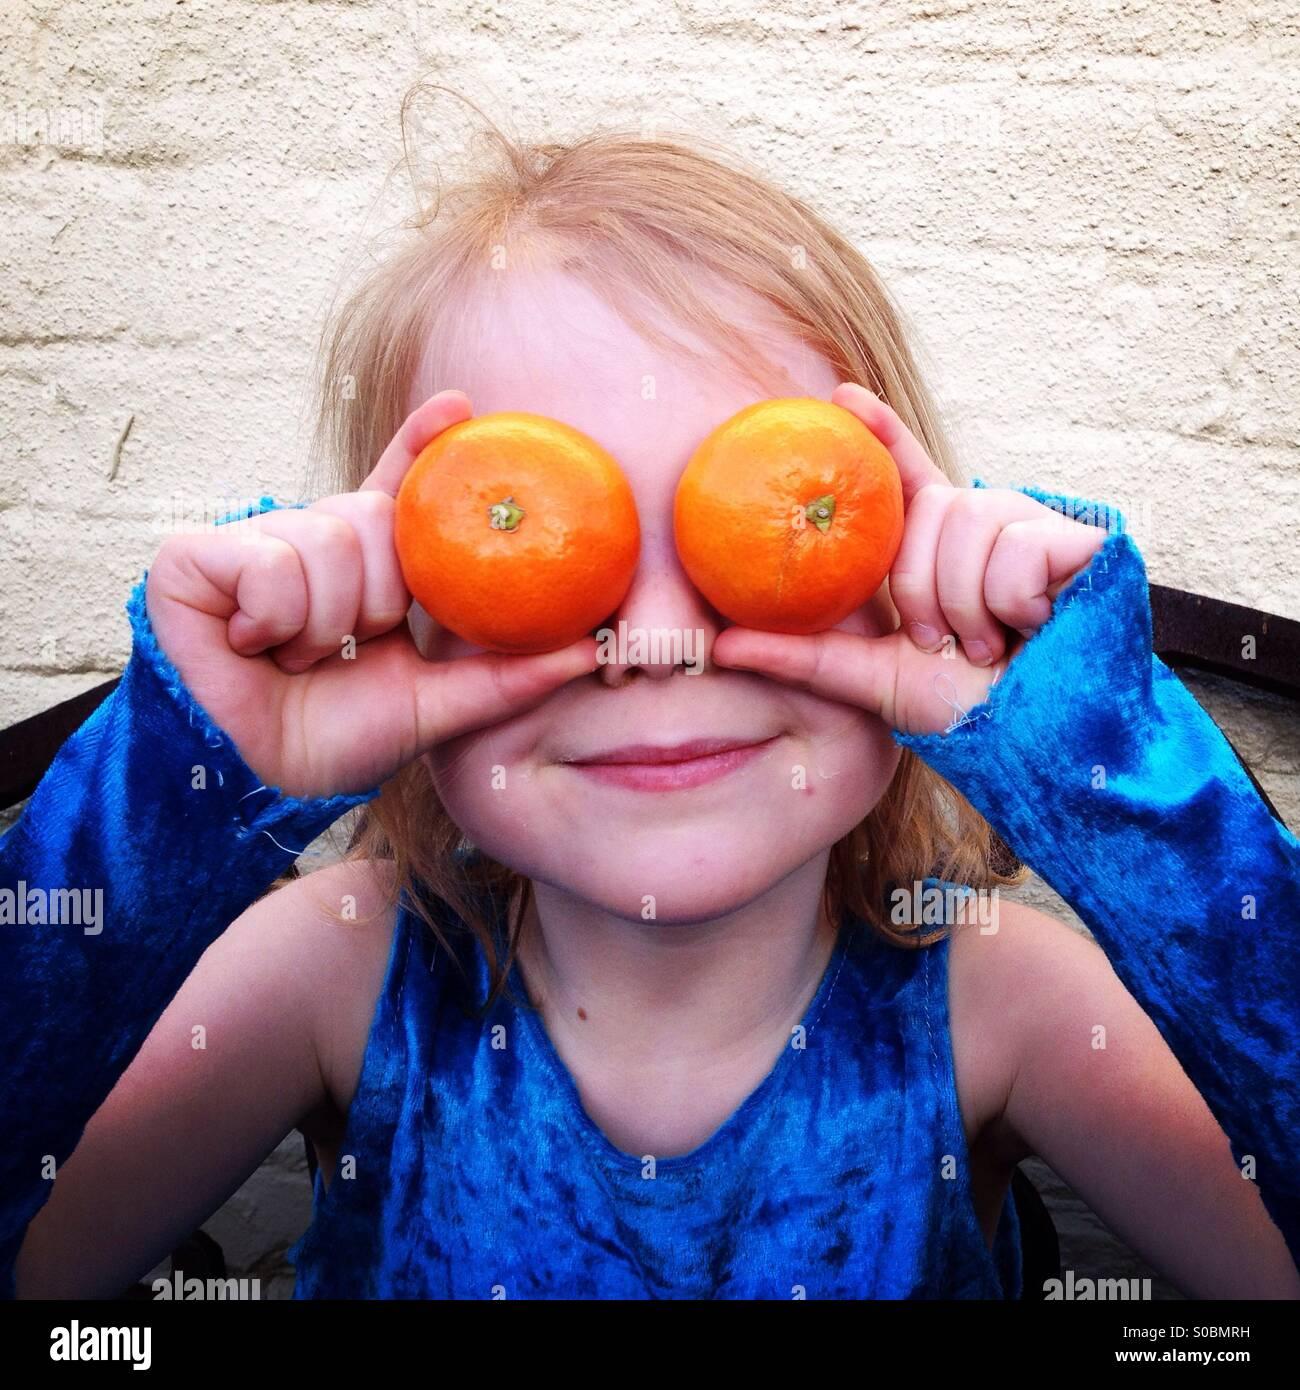 Bambino felice con le arance come gli occhi. Ragazza con troppo morbidi arance oltre i suoi occhi. Immagini Stock